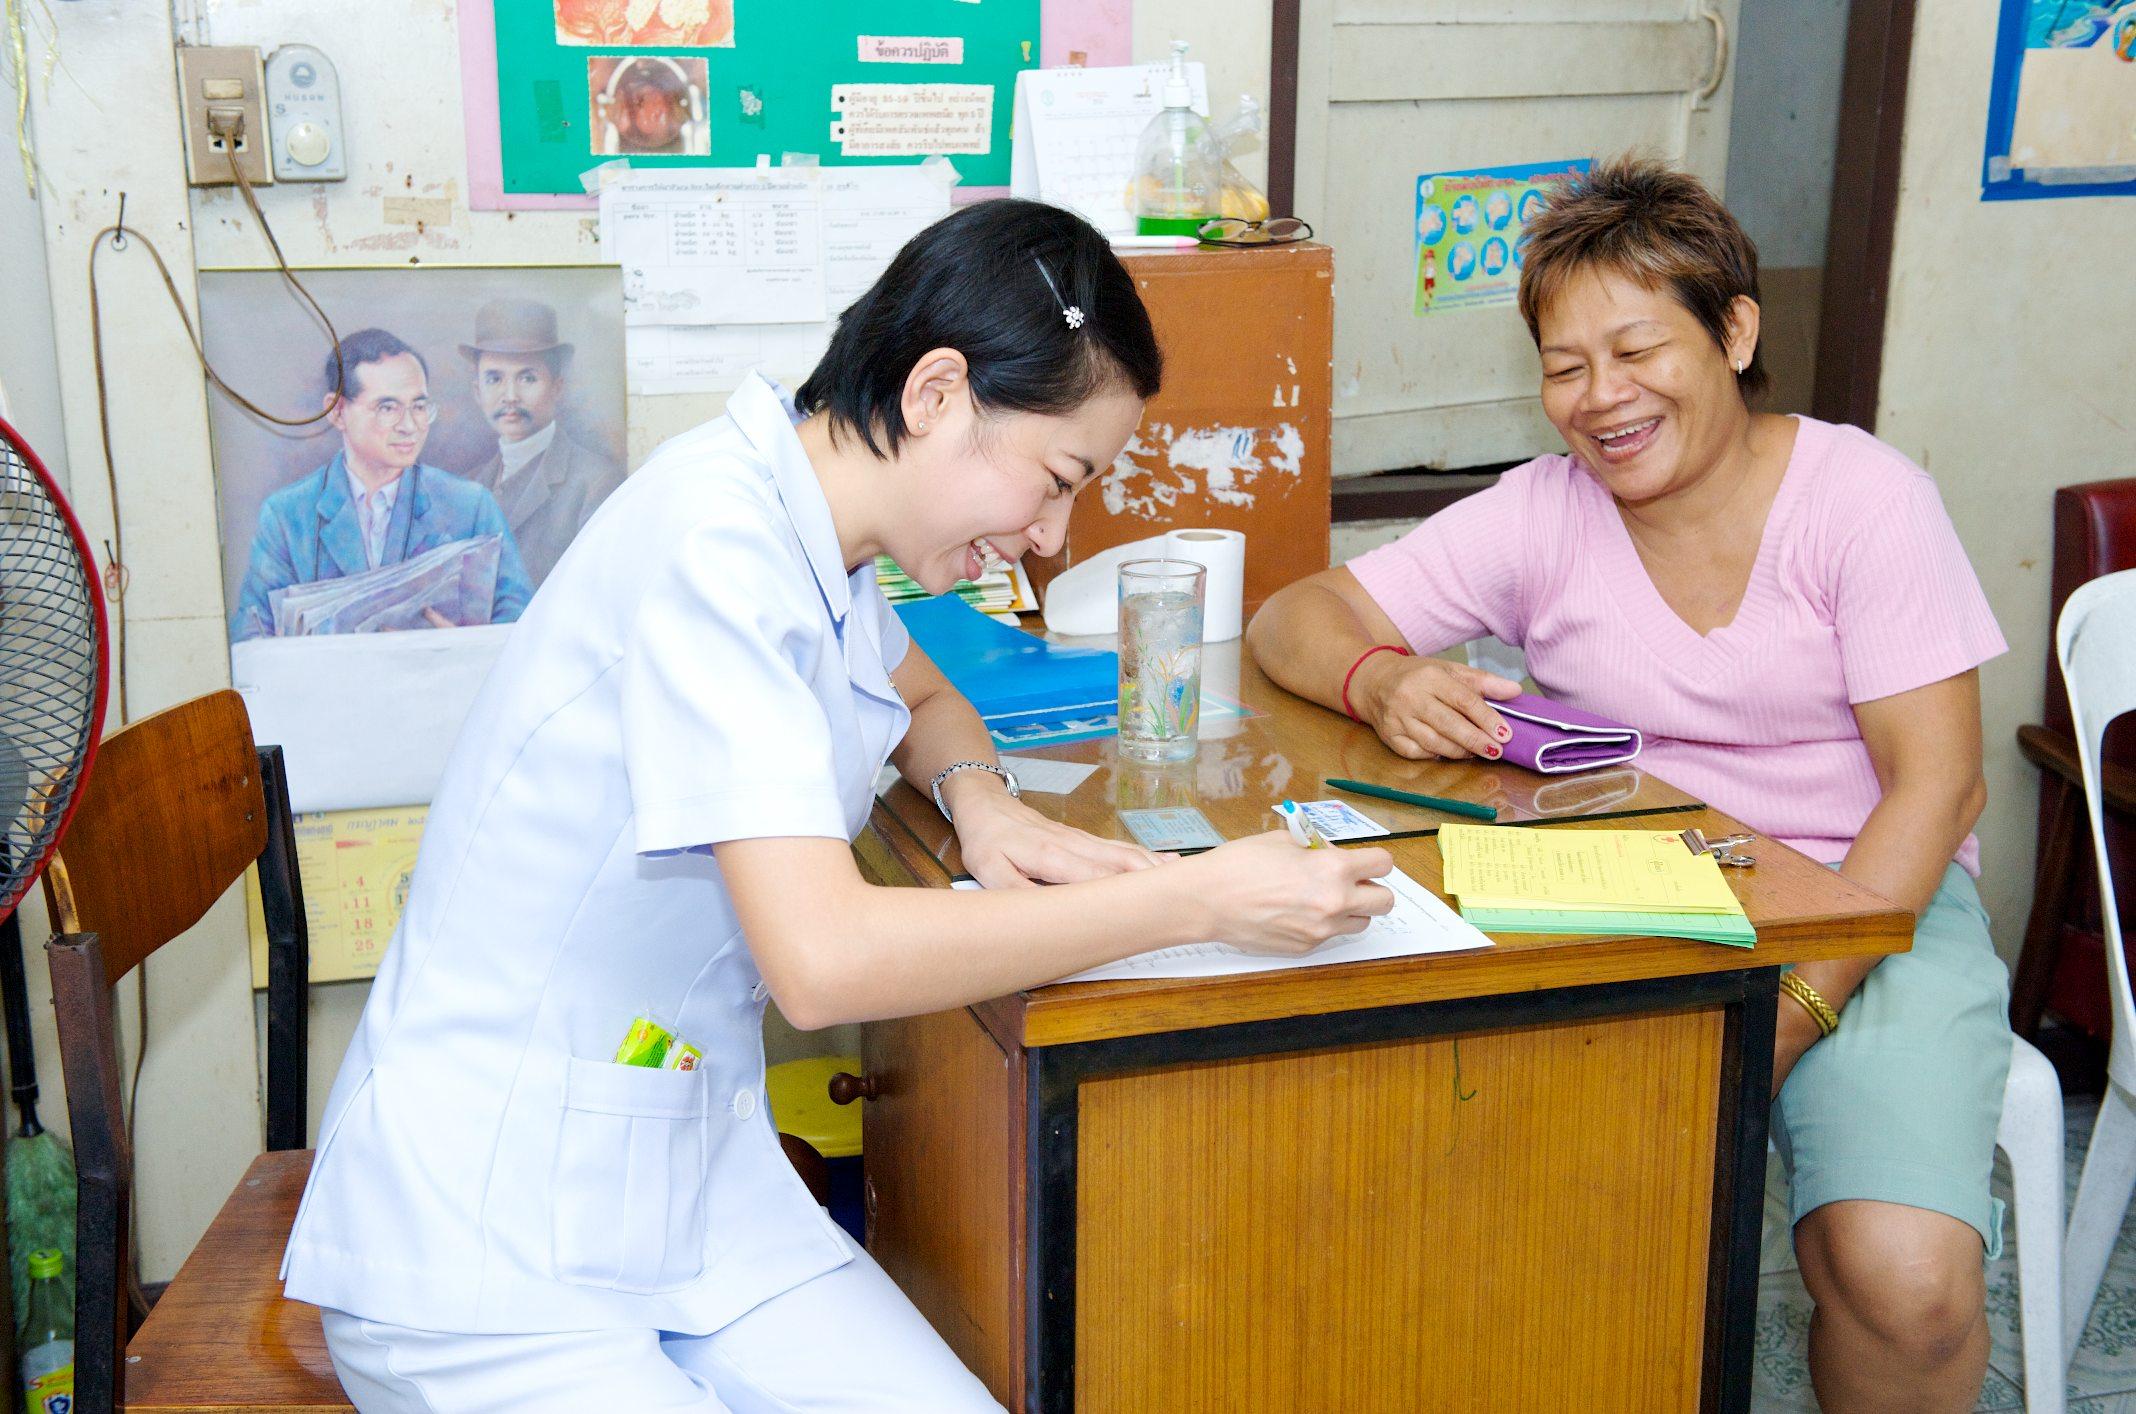 ตรวจวินิจฉัย มะเร็งเต้านม ให้กับสตรีด้อยโอกาส ในกรุงเทพฯ